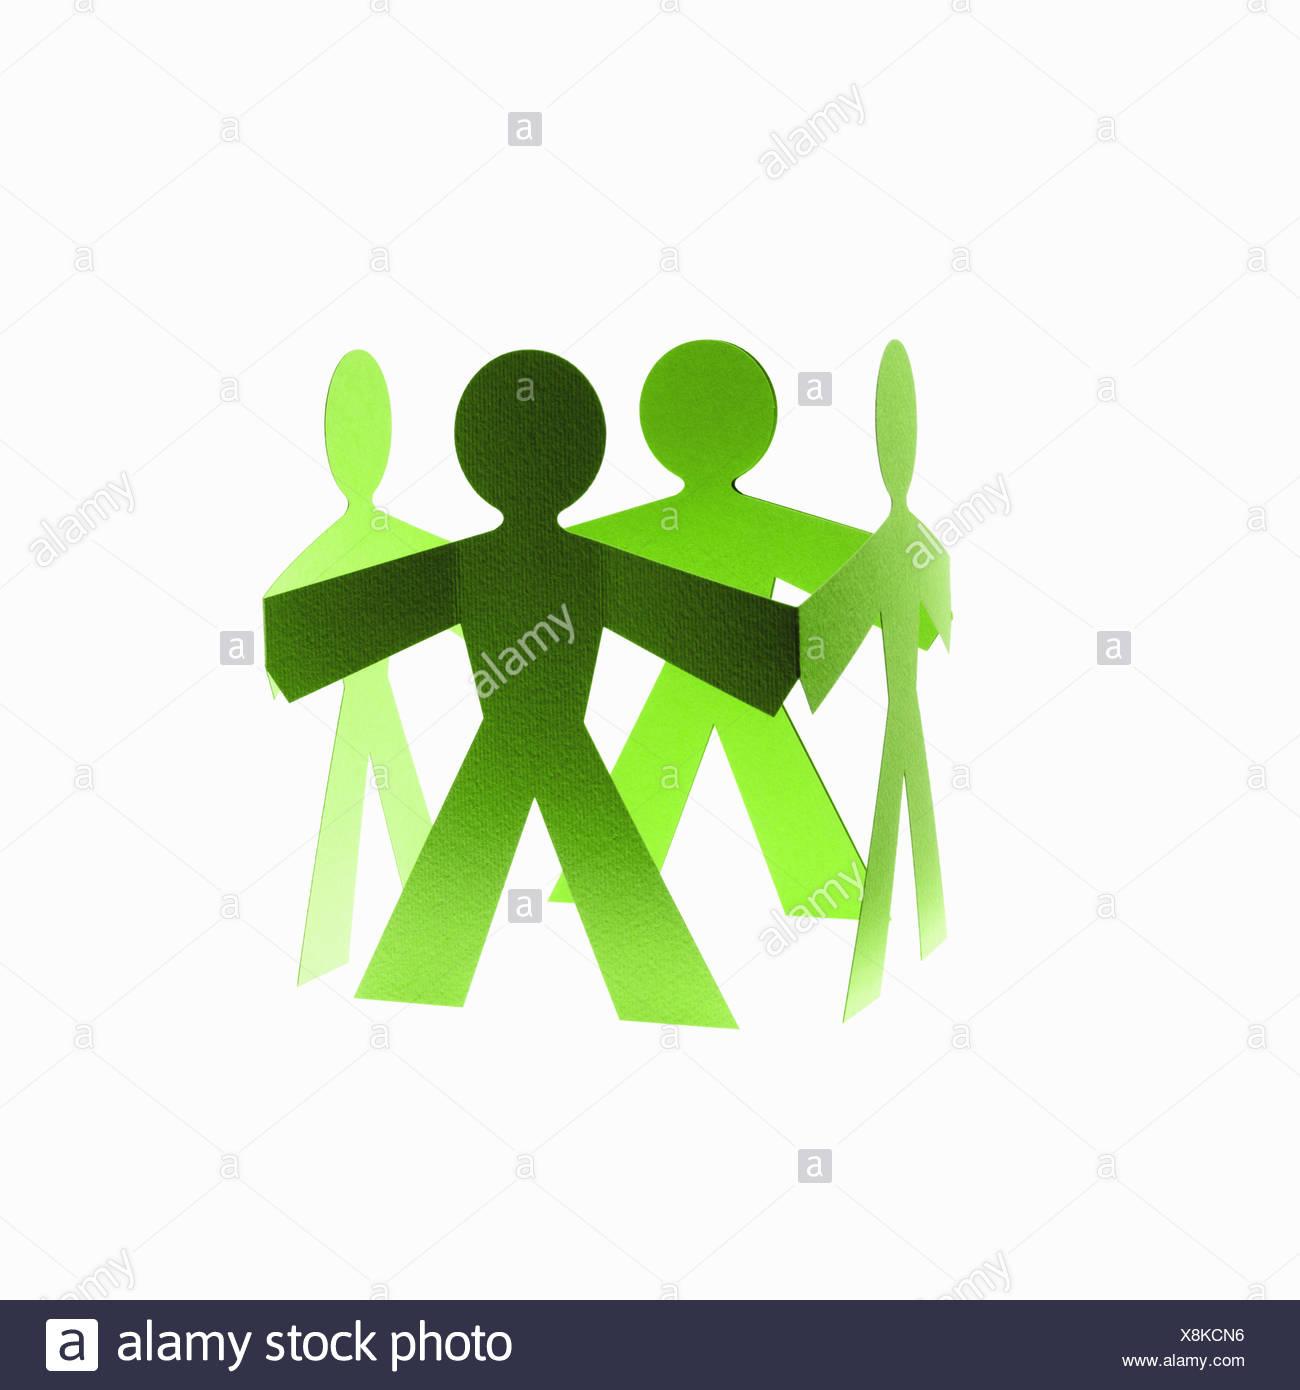 Papercuts papel cortado a gente con manos unidas Imagen De Stock